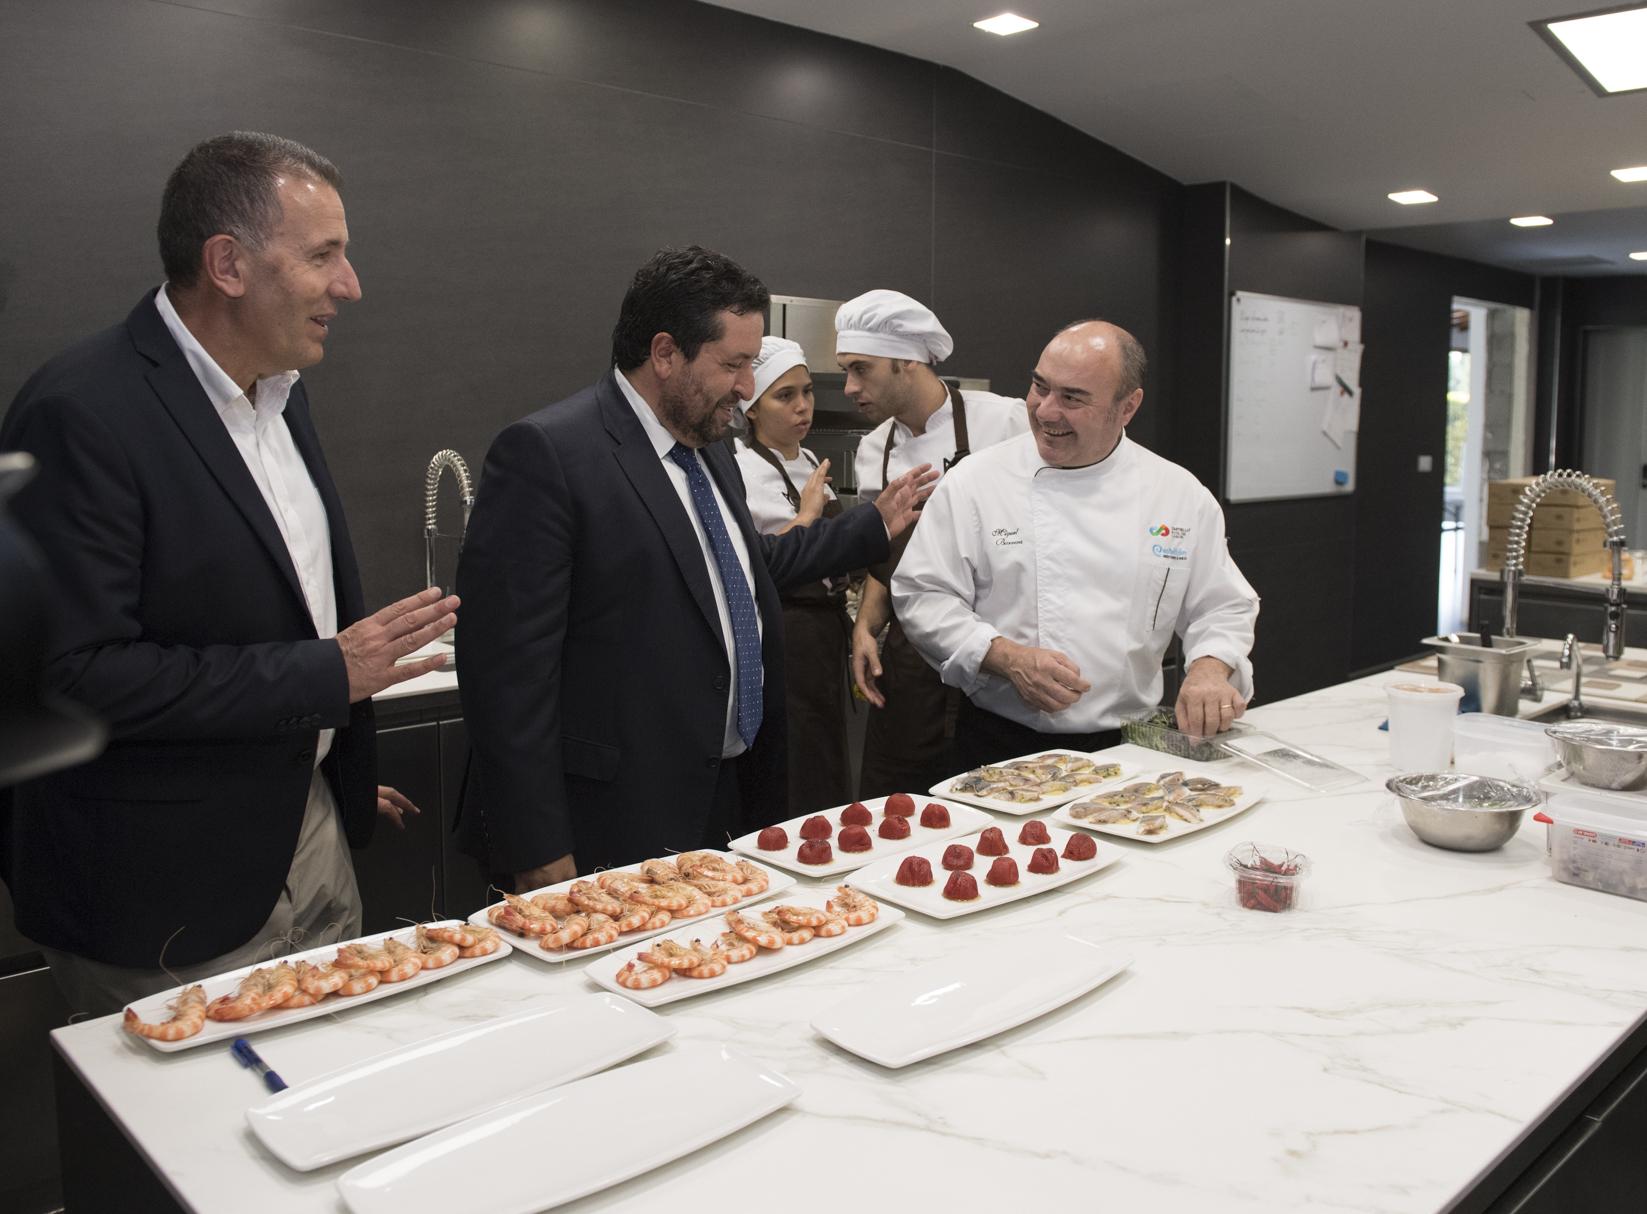 La Diputación abre mañana la mayor despensa provincial para multiplicar las sinergias empresariales del sector agroalimentario